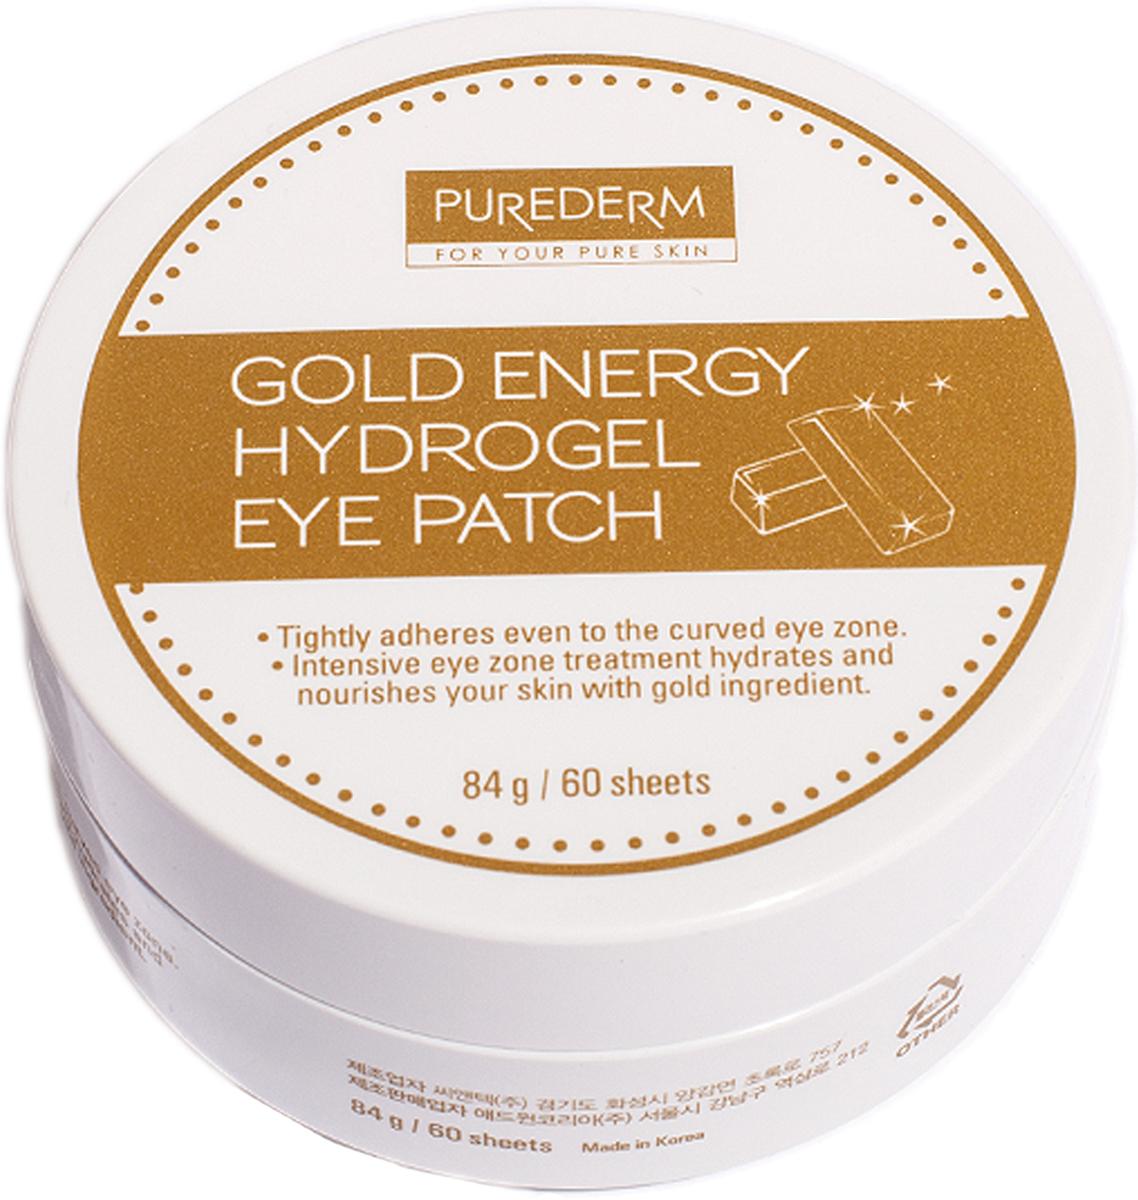 Purederm Патчи гидрогелевые для области вокруг глаз Энергия Золота, 60 шт, 84 г184383Интенсивный уход за нежной кожей в области вокруг глаз. Тонкие, нежные патчи на гидрогелевой основе интенсивно воздействуют на кожу вокруг глаз, оказывают стойкий увлажняющий и смягчающий эффект. Патчи имеют липкую основу, благодаря чему плотно прилегают к коже, что обеспечивает глубокое проникновению активных компонентов в кожу. Активные ингредиенты: Золото, придает коже сияние и свежесть, а экстракт Лимонграсса, содержит много питательных веществ, защищает кожу от негативного воздействия окружающей среды.